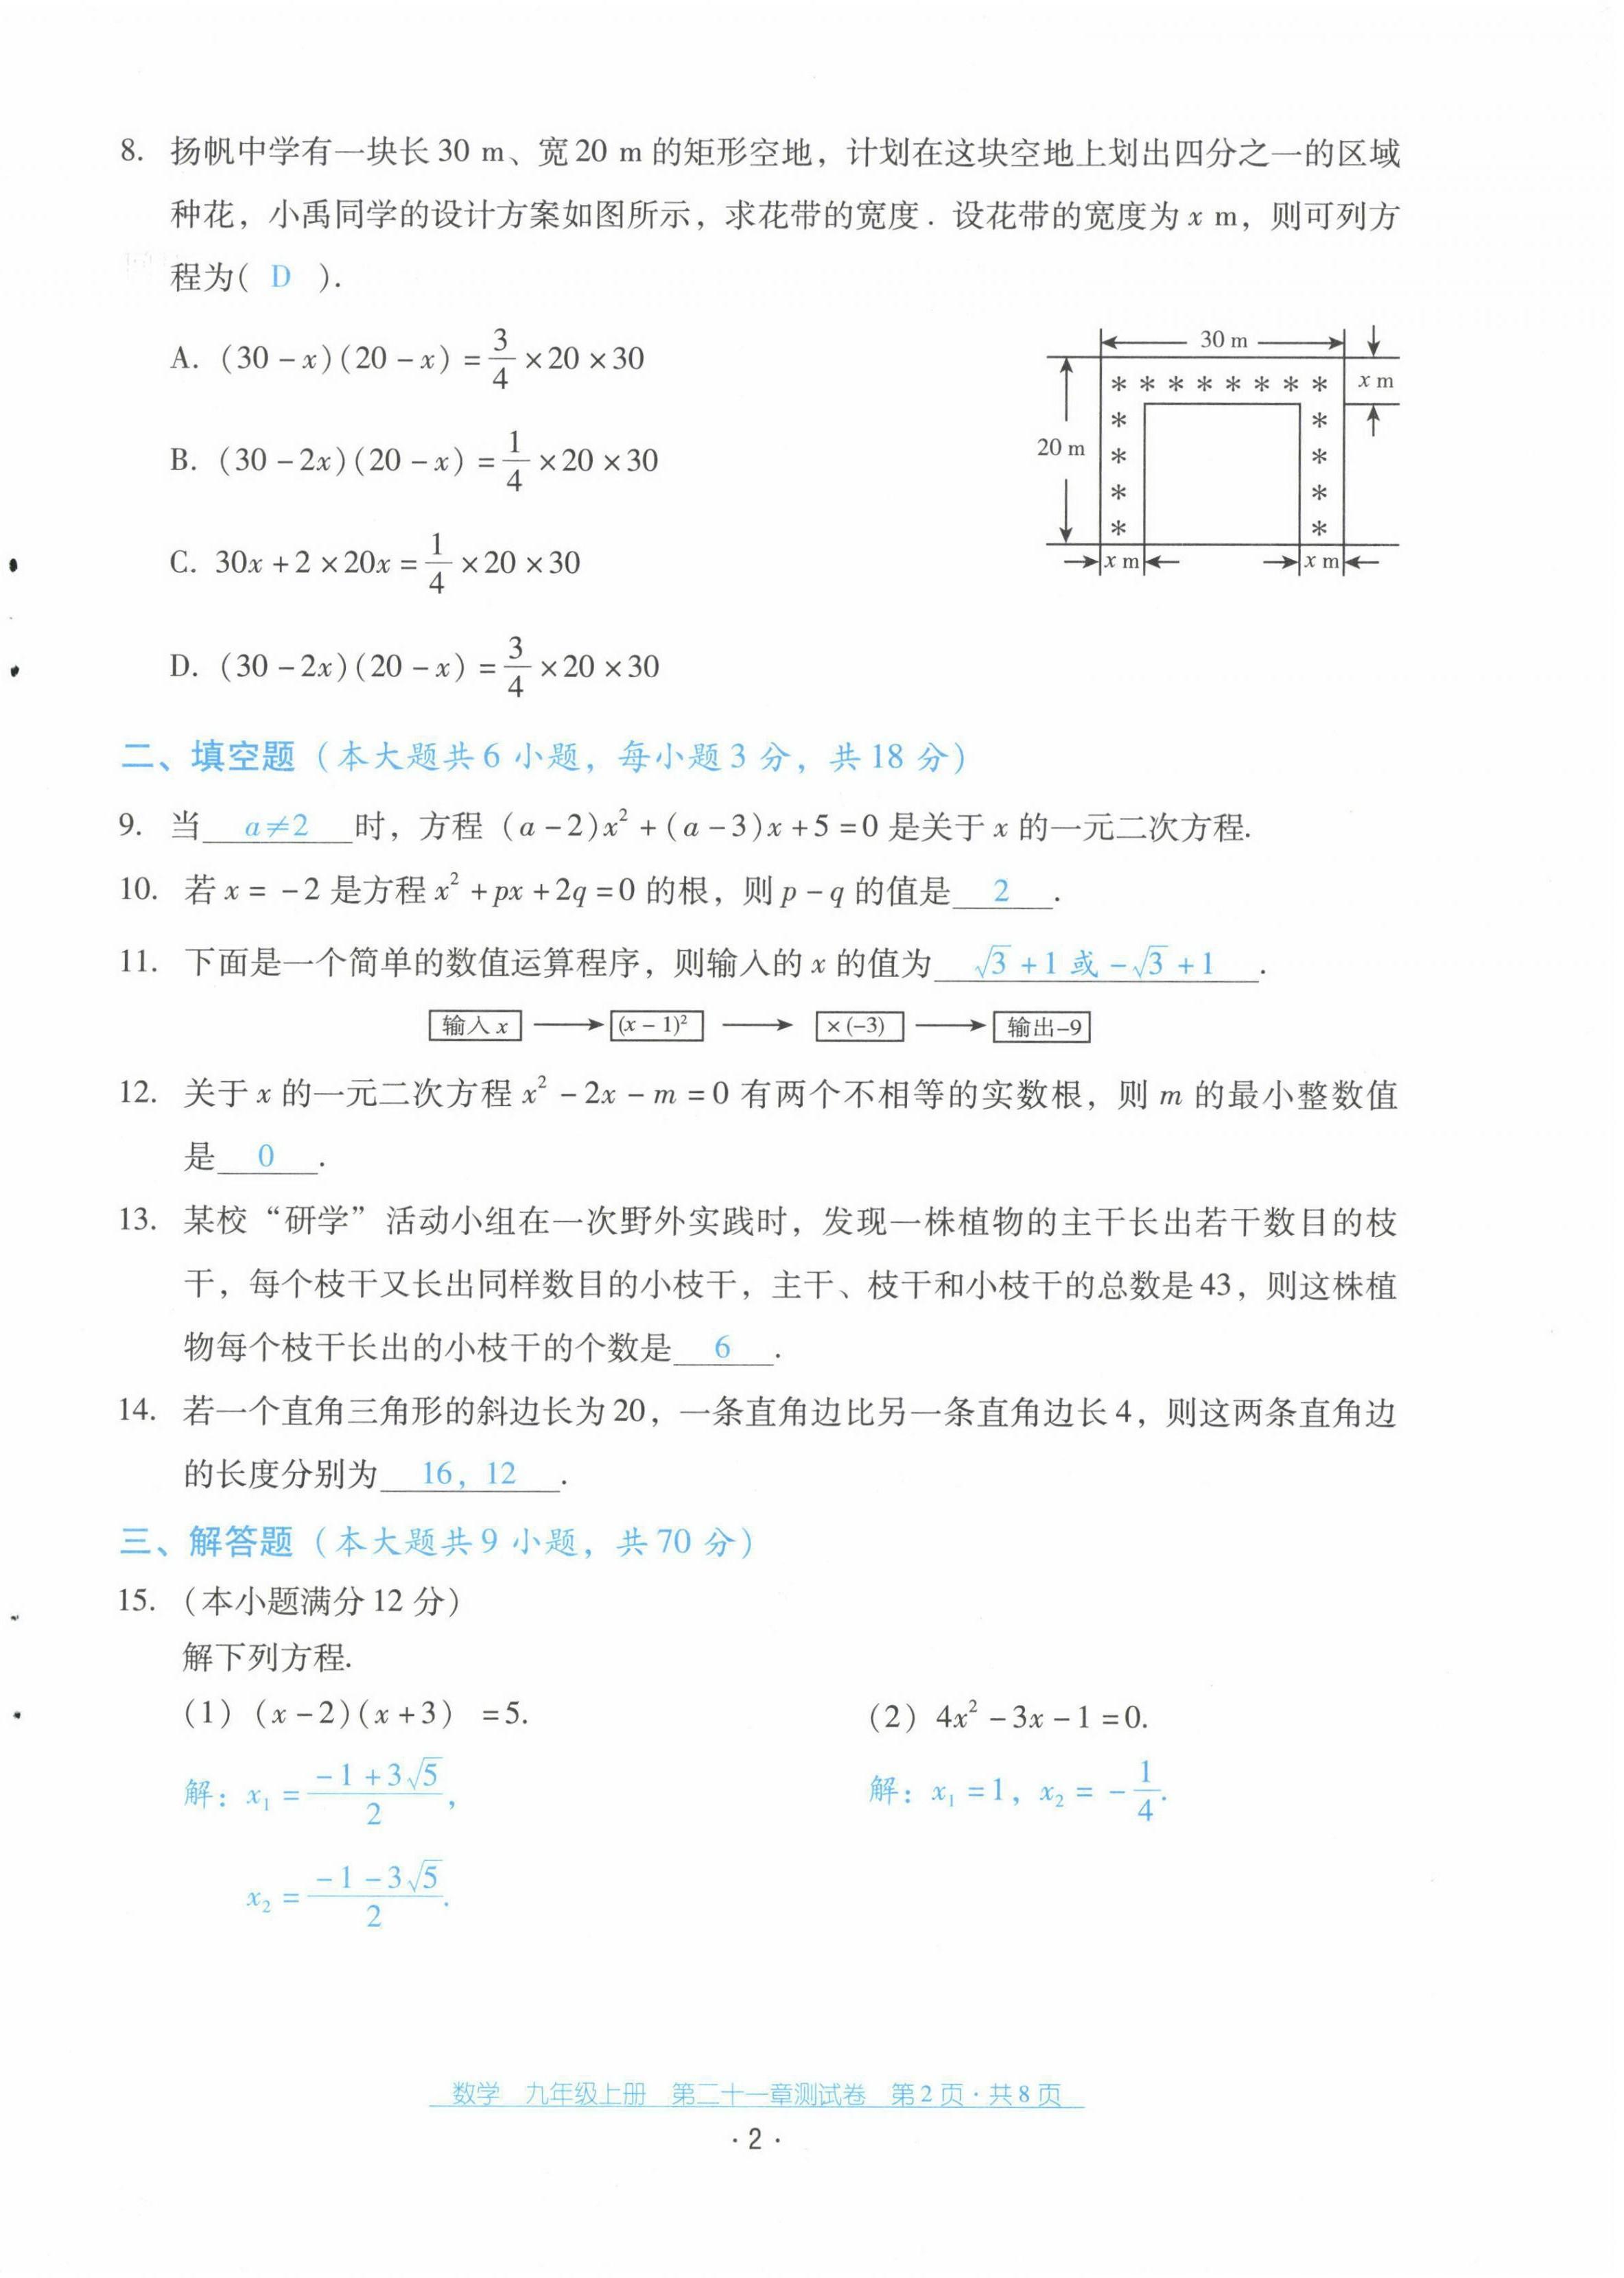 2021年云南省标准教辅优佳学案配套测试卷九年级数学上册人教版第2页